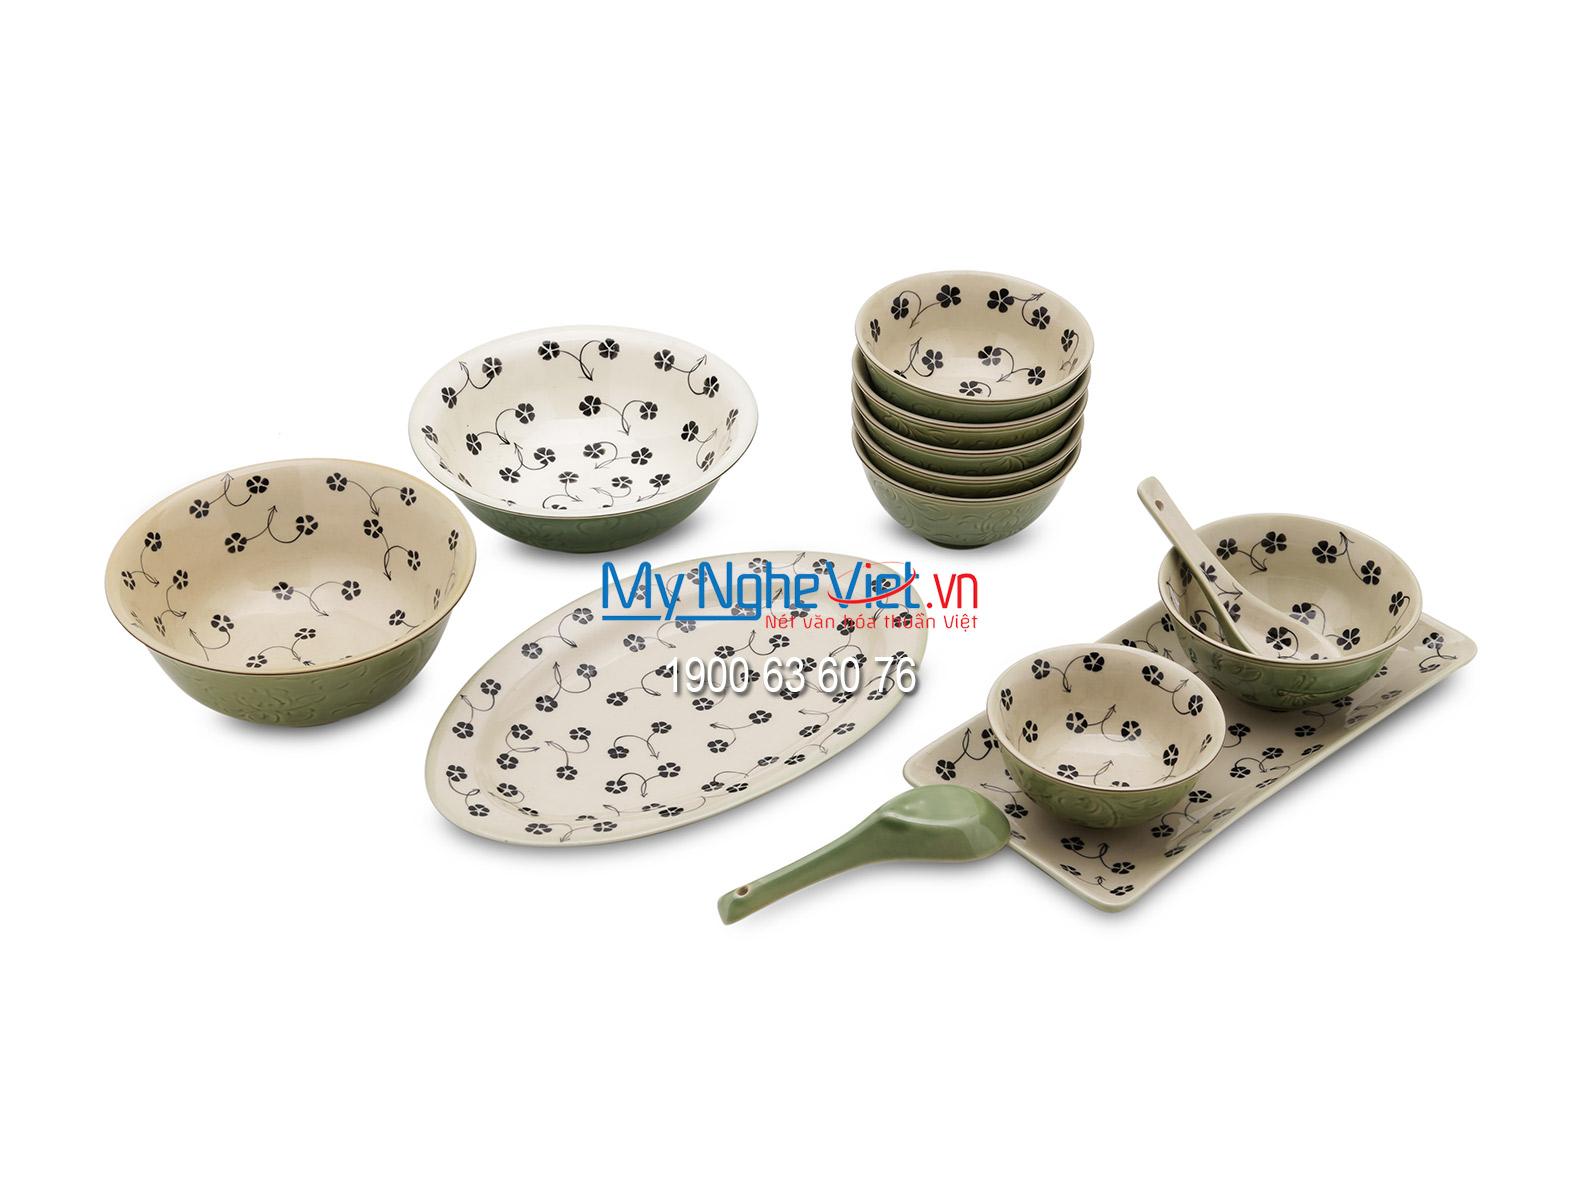 Bộ chén dĩa bàn ăn Bát Tràng men xanh đồng vẽ hoa sao MNV-BBA4